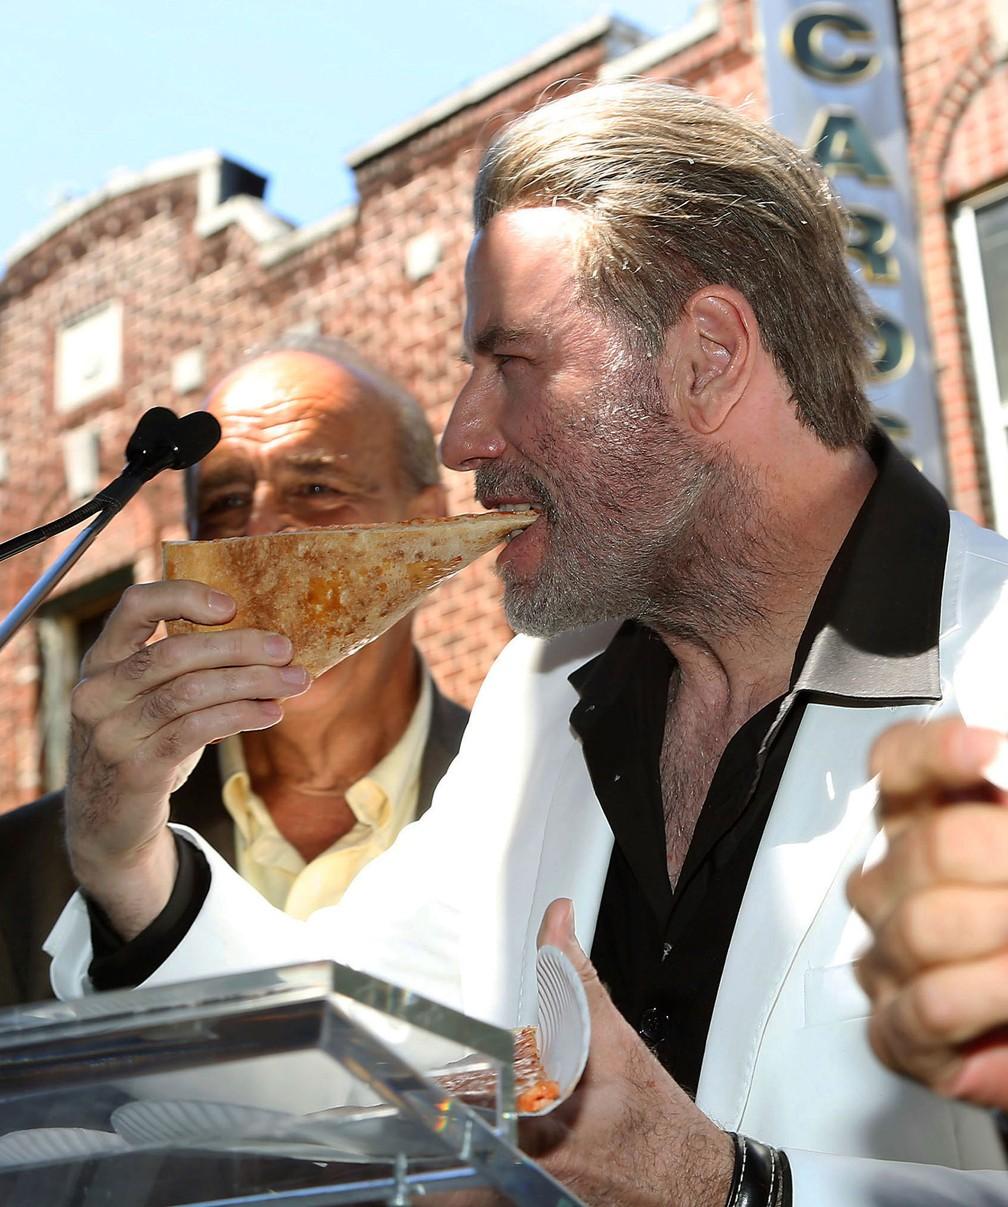 -  Imagem divulgada pela Starpix mostra o ator John Travolta, comendo um pedaço de pizza da Lenny  39;s, no Brooklyn, nesta terça-feira  12 ; local serv